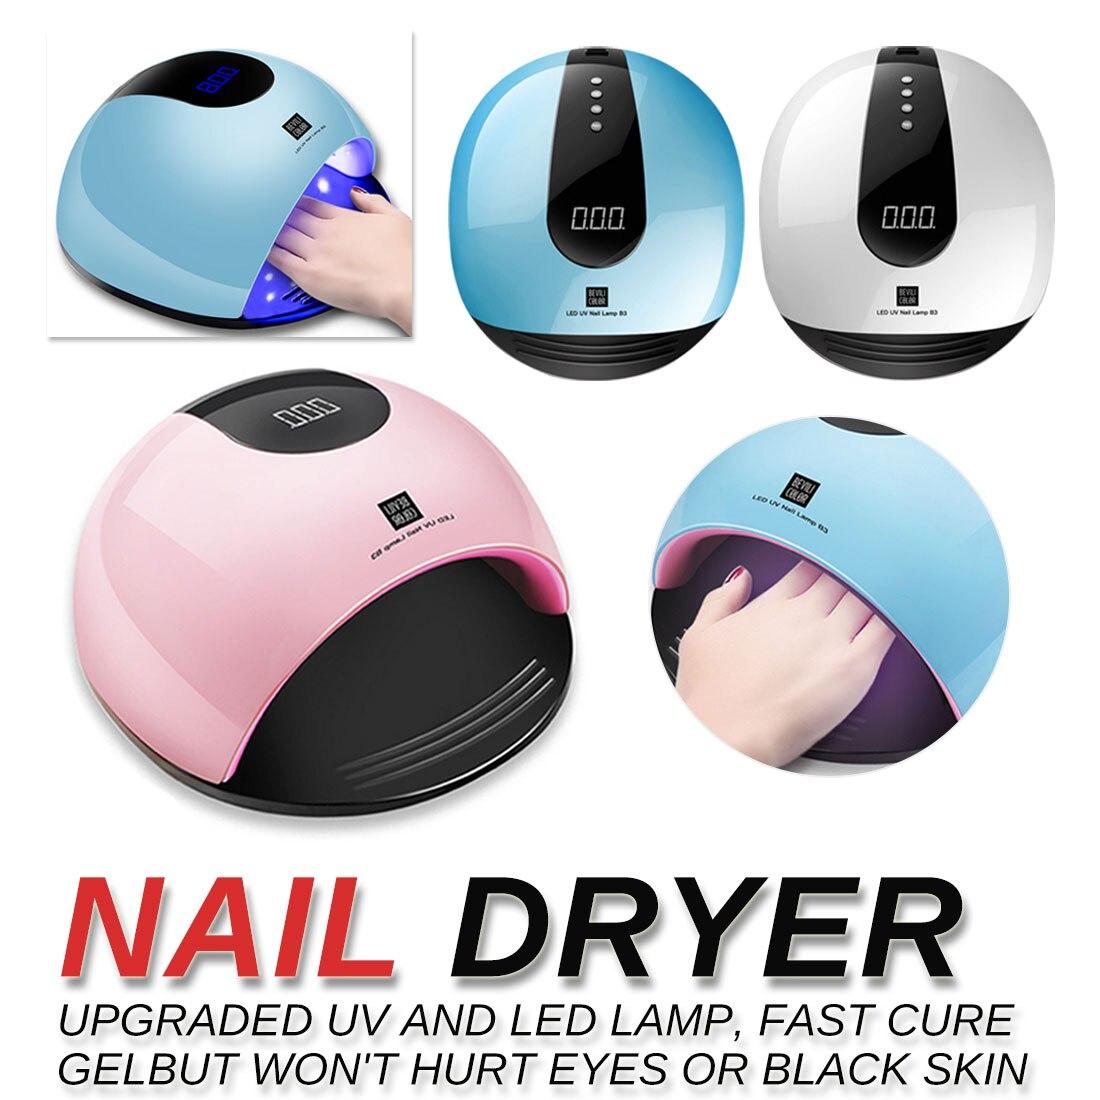 Électrique tous les Gels vernis à ongles ongles USB lampe pour manucure LCD affichage séchage outils d'art sèche-ongles pour ongles LED lampe UV